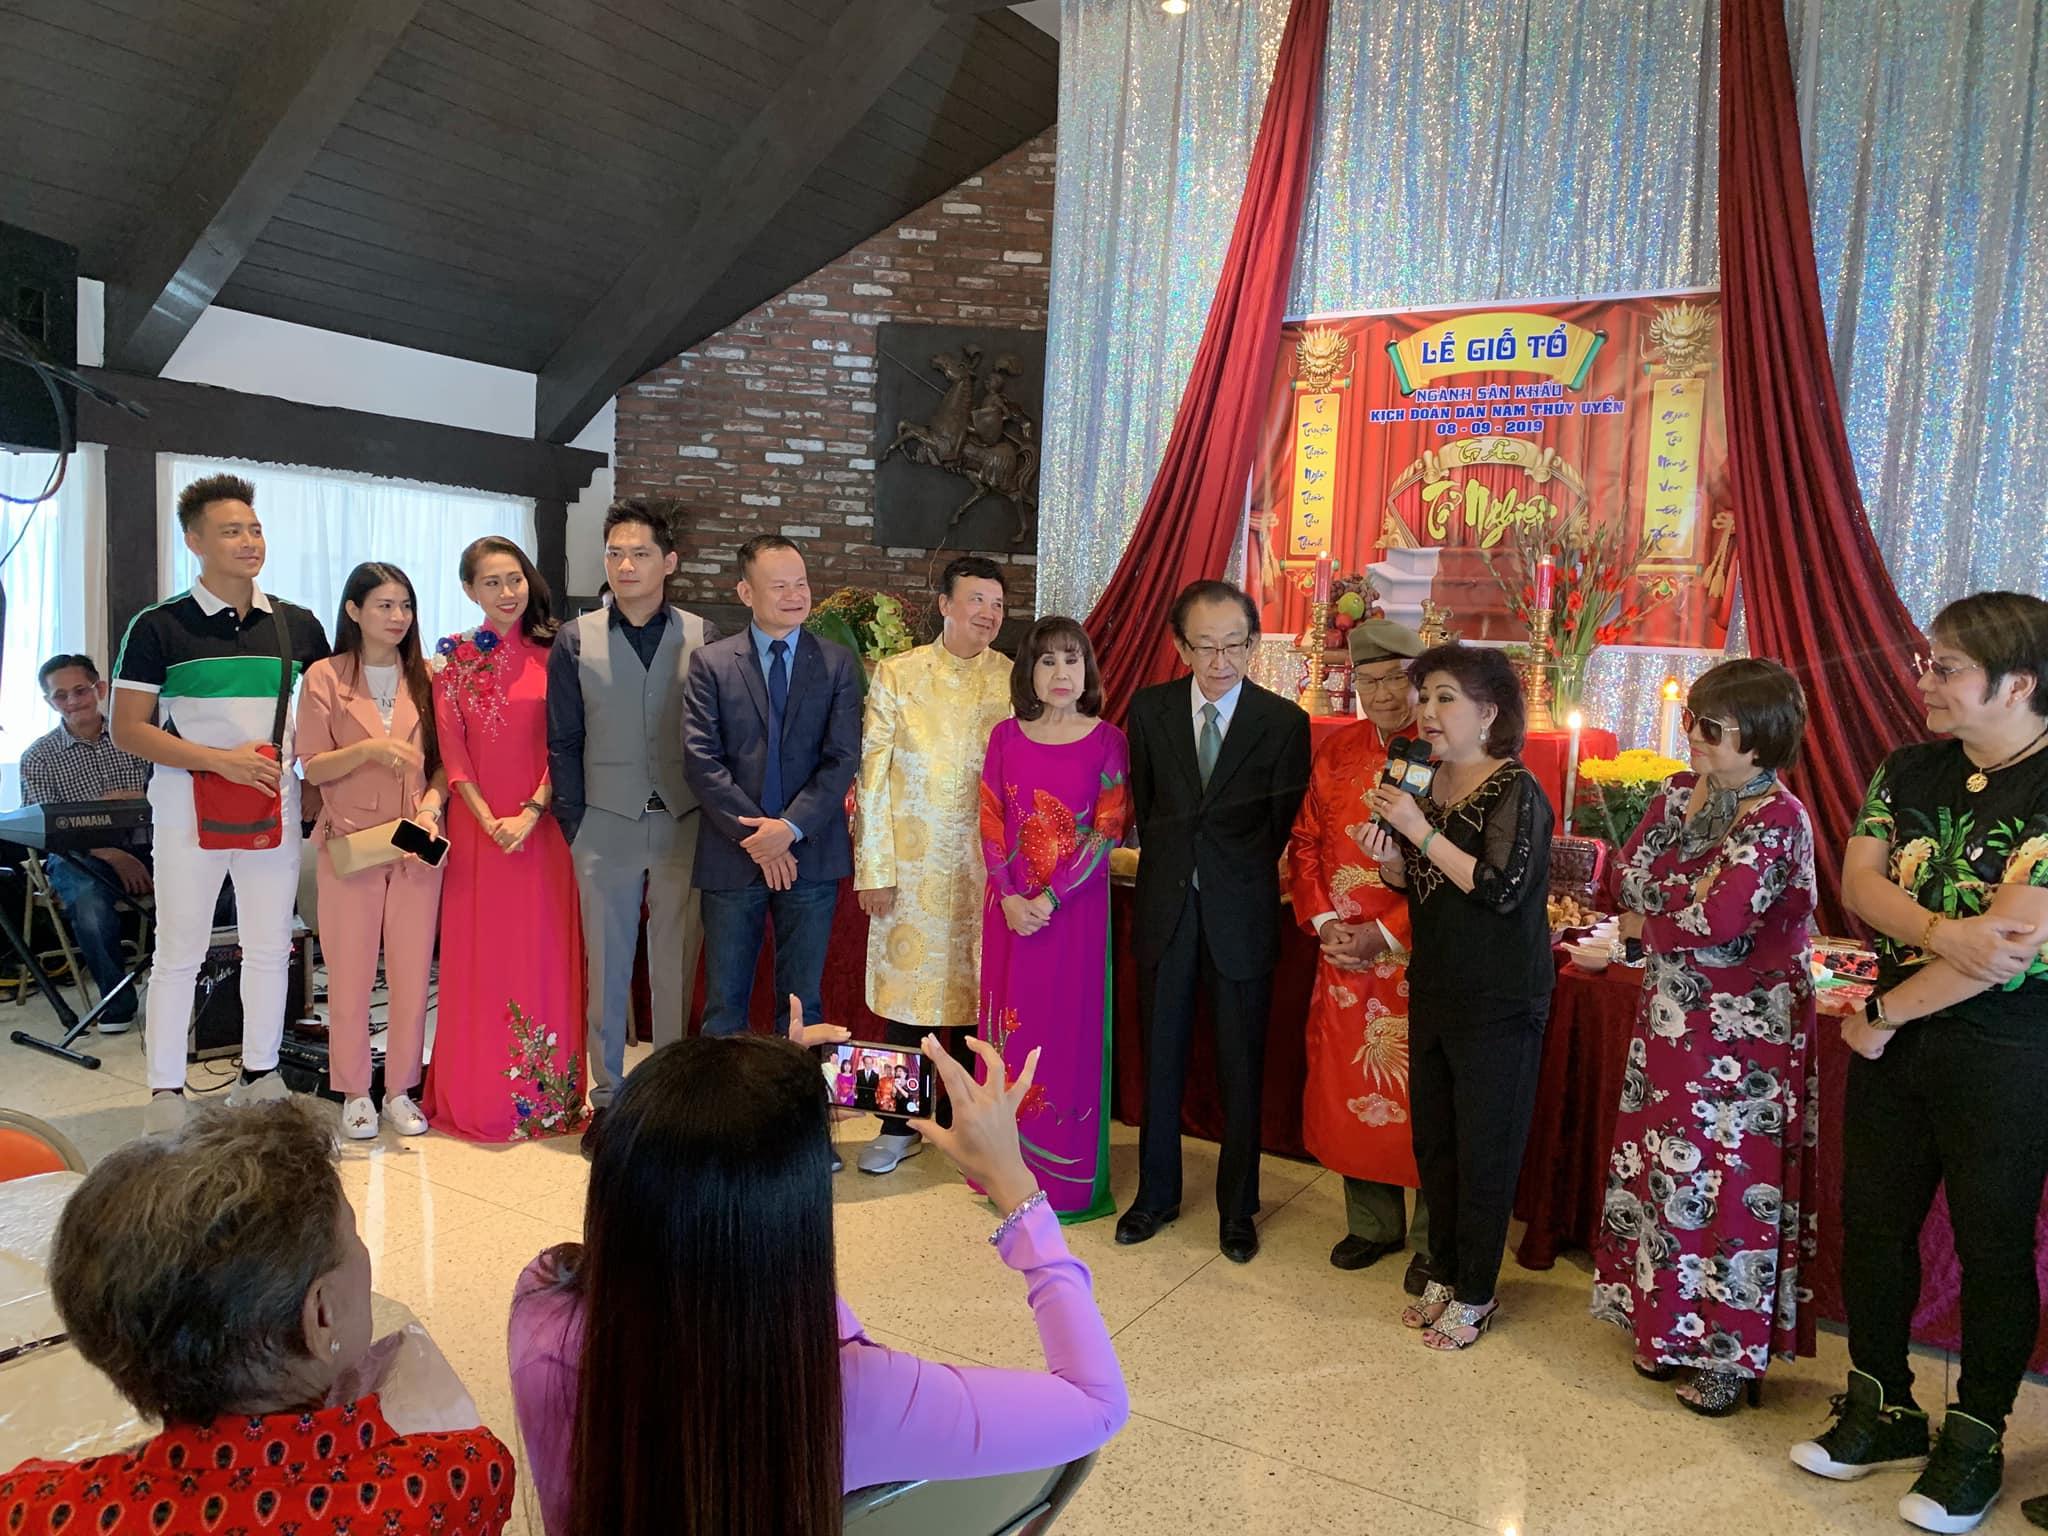 Khán giả xúc động vì diễn viên Minh Luân mang di ảnh của cố nghệ sĩ Anh Vũ sang Mỹ dự giỗ tổ sân khấu - Hình 1